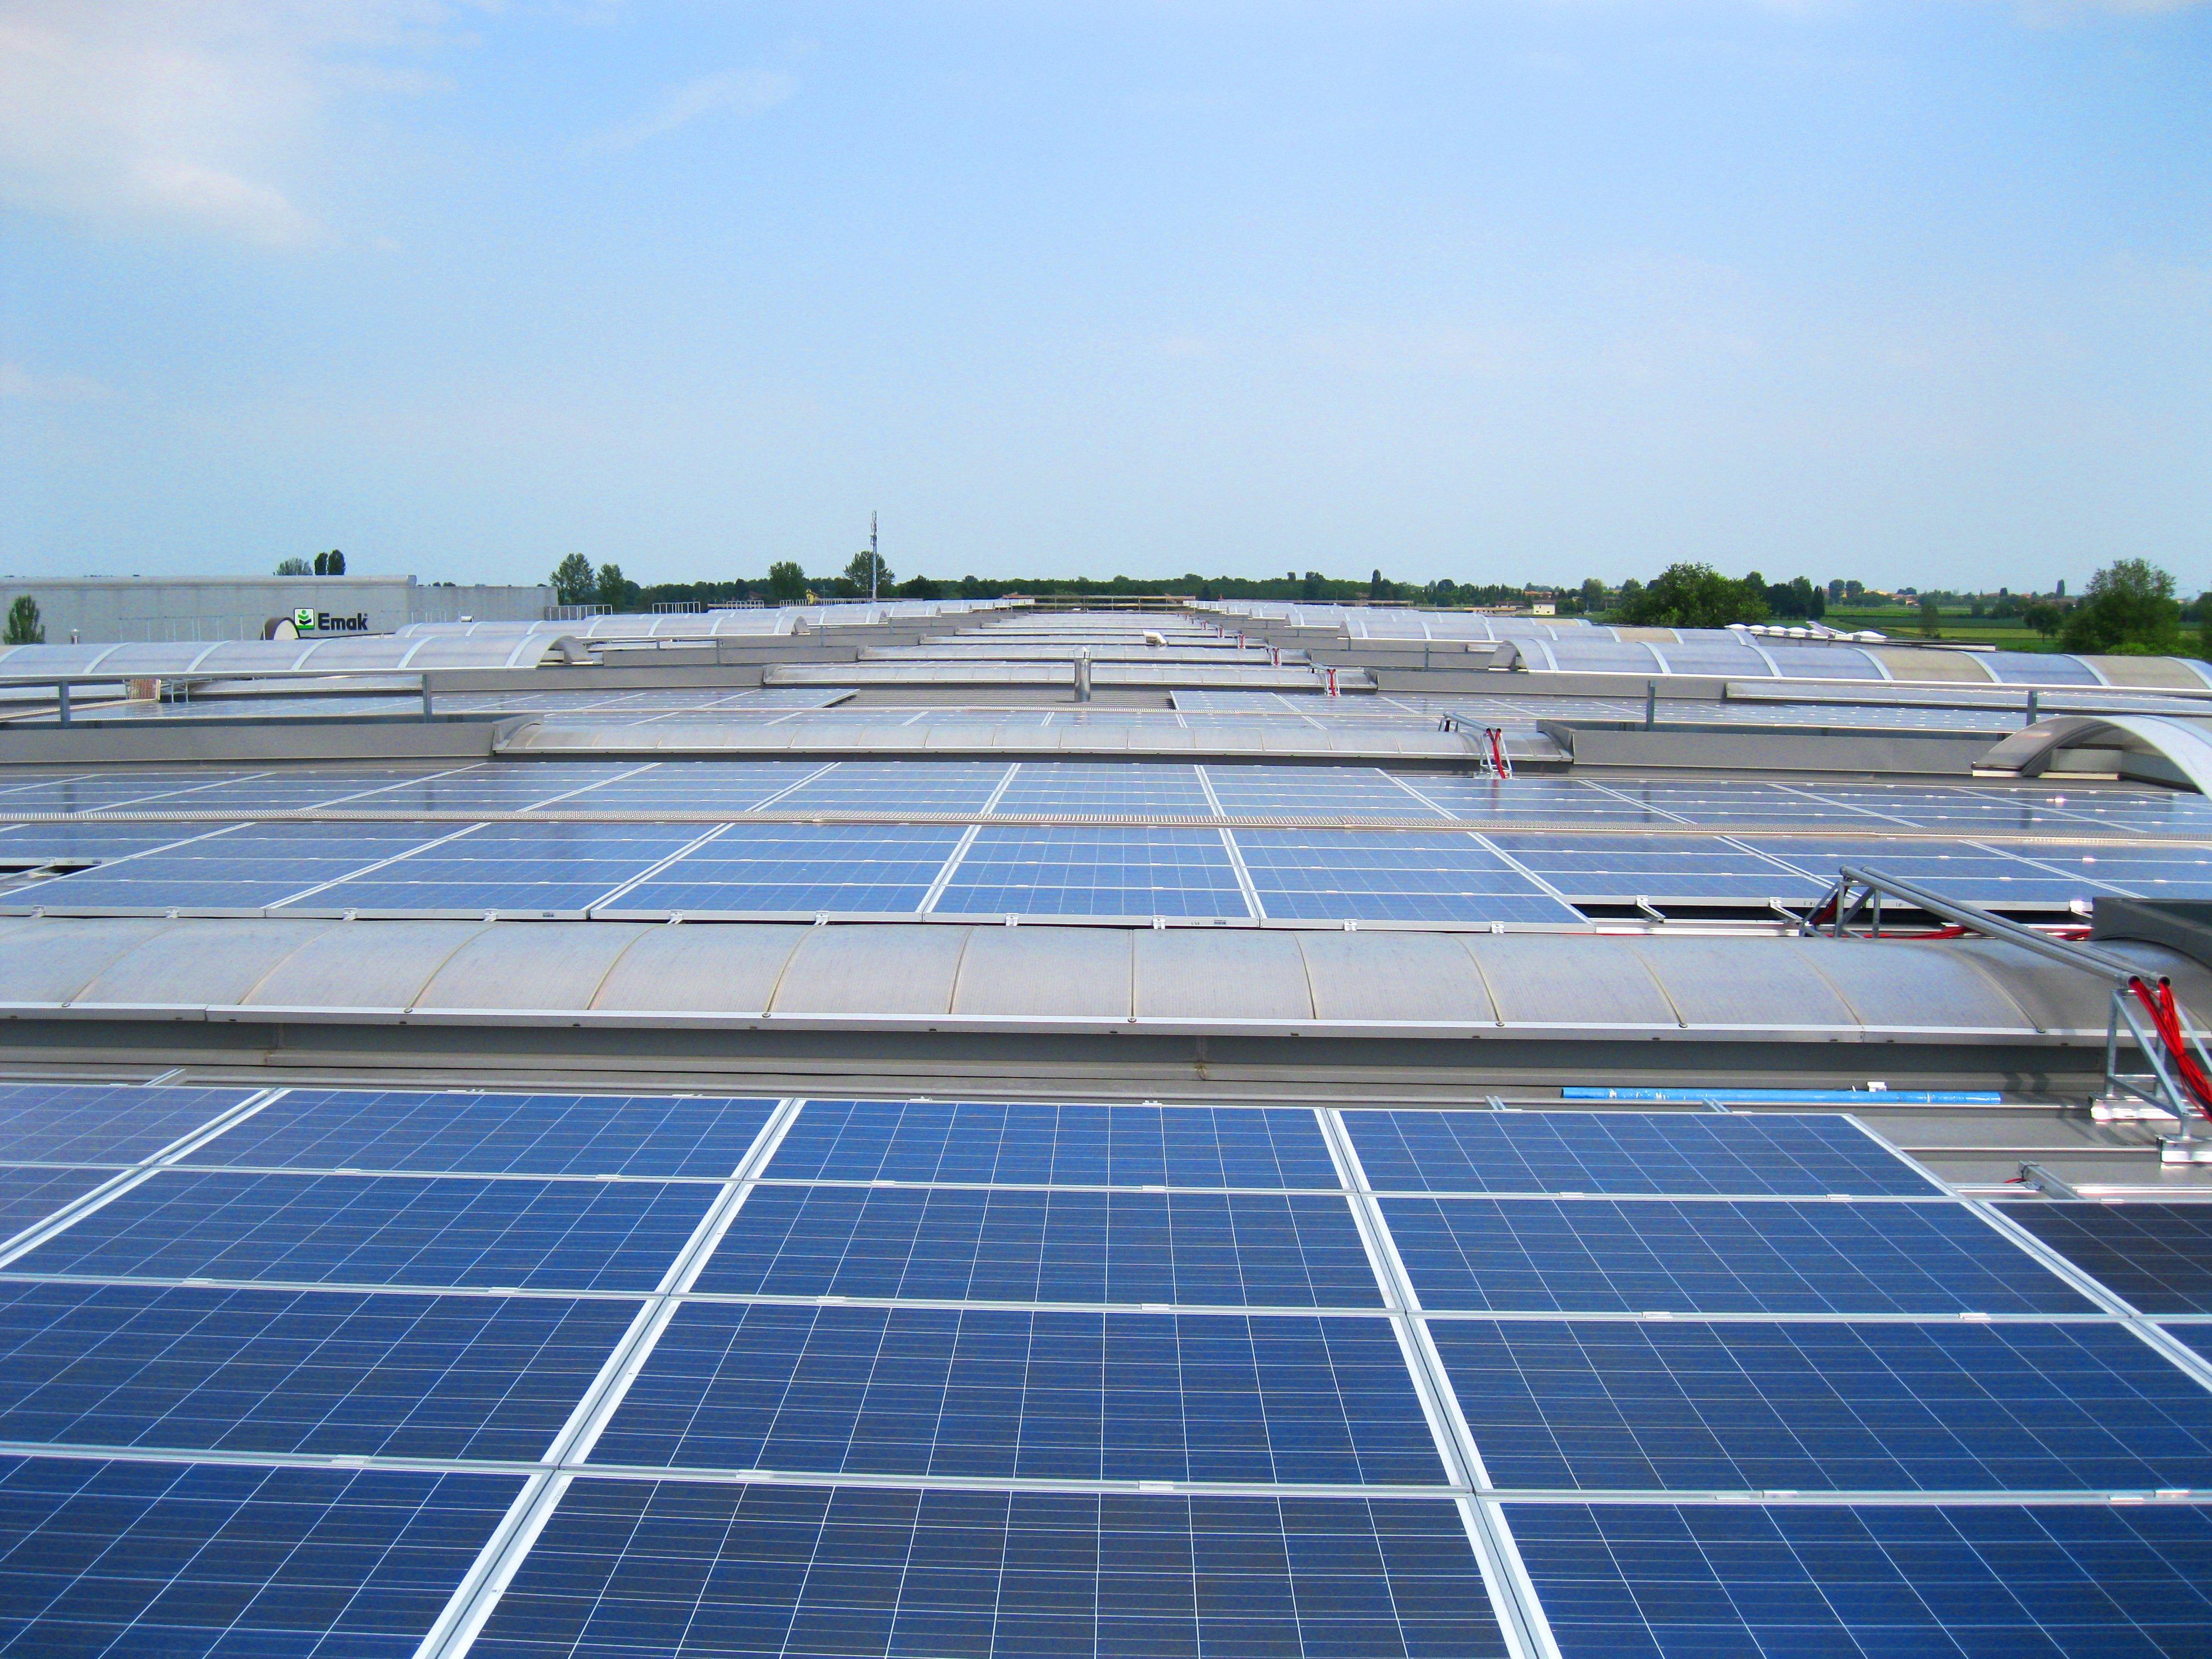 Conergy construye su primera cubierta de energía solar fotovoltaica en Bucarest